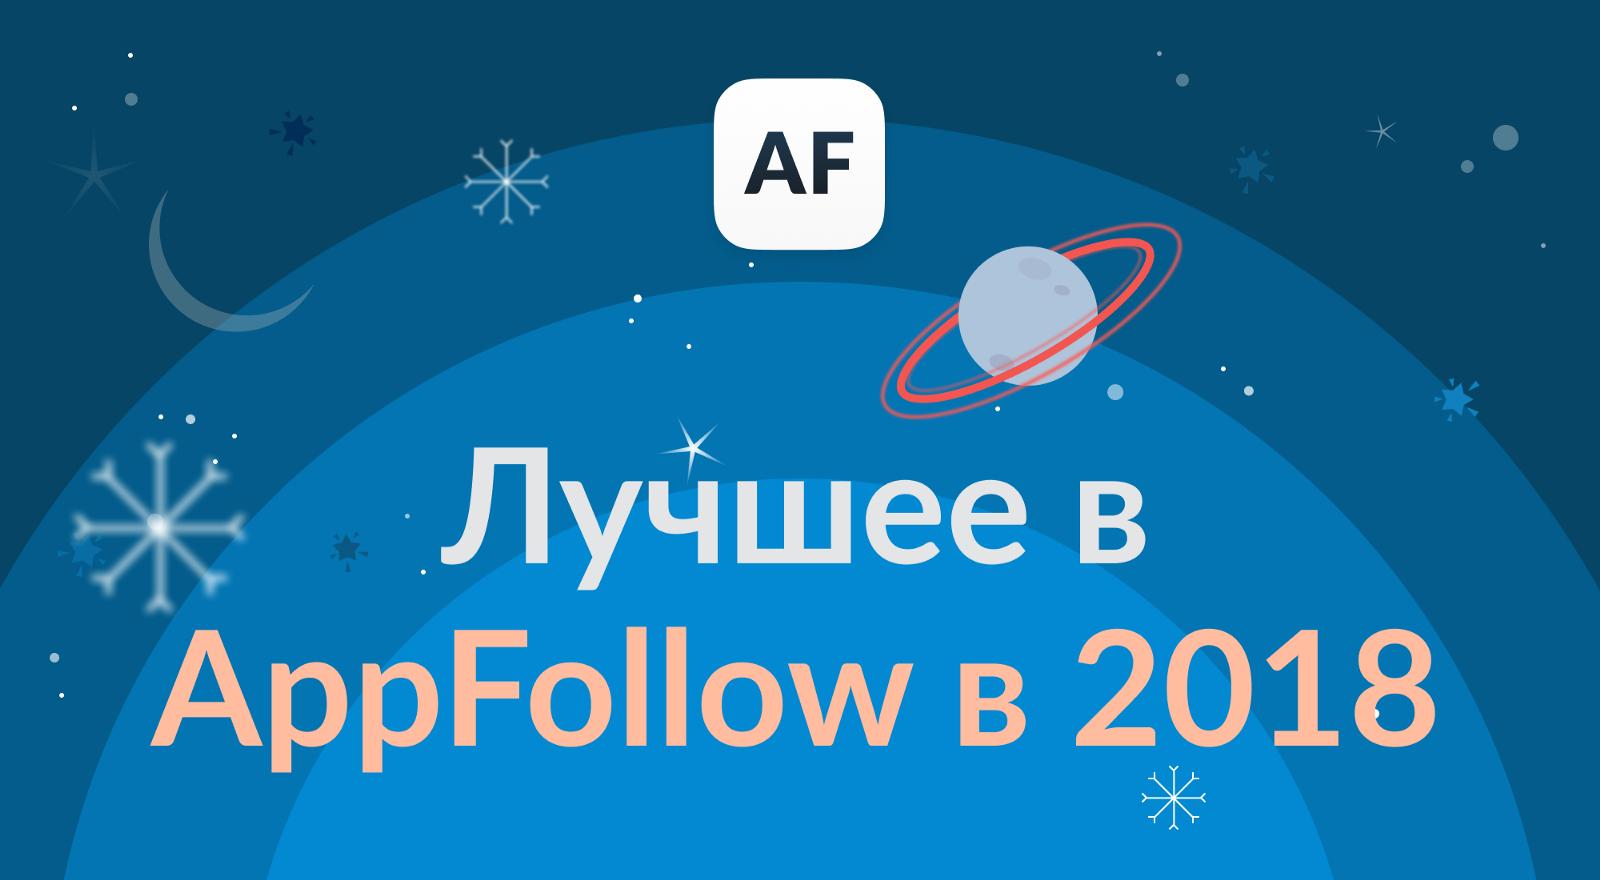 AppFollow 2018: лучшие практики и инструменты в этом году